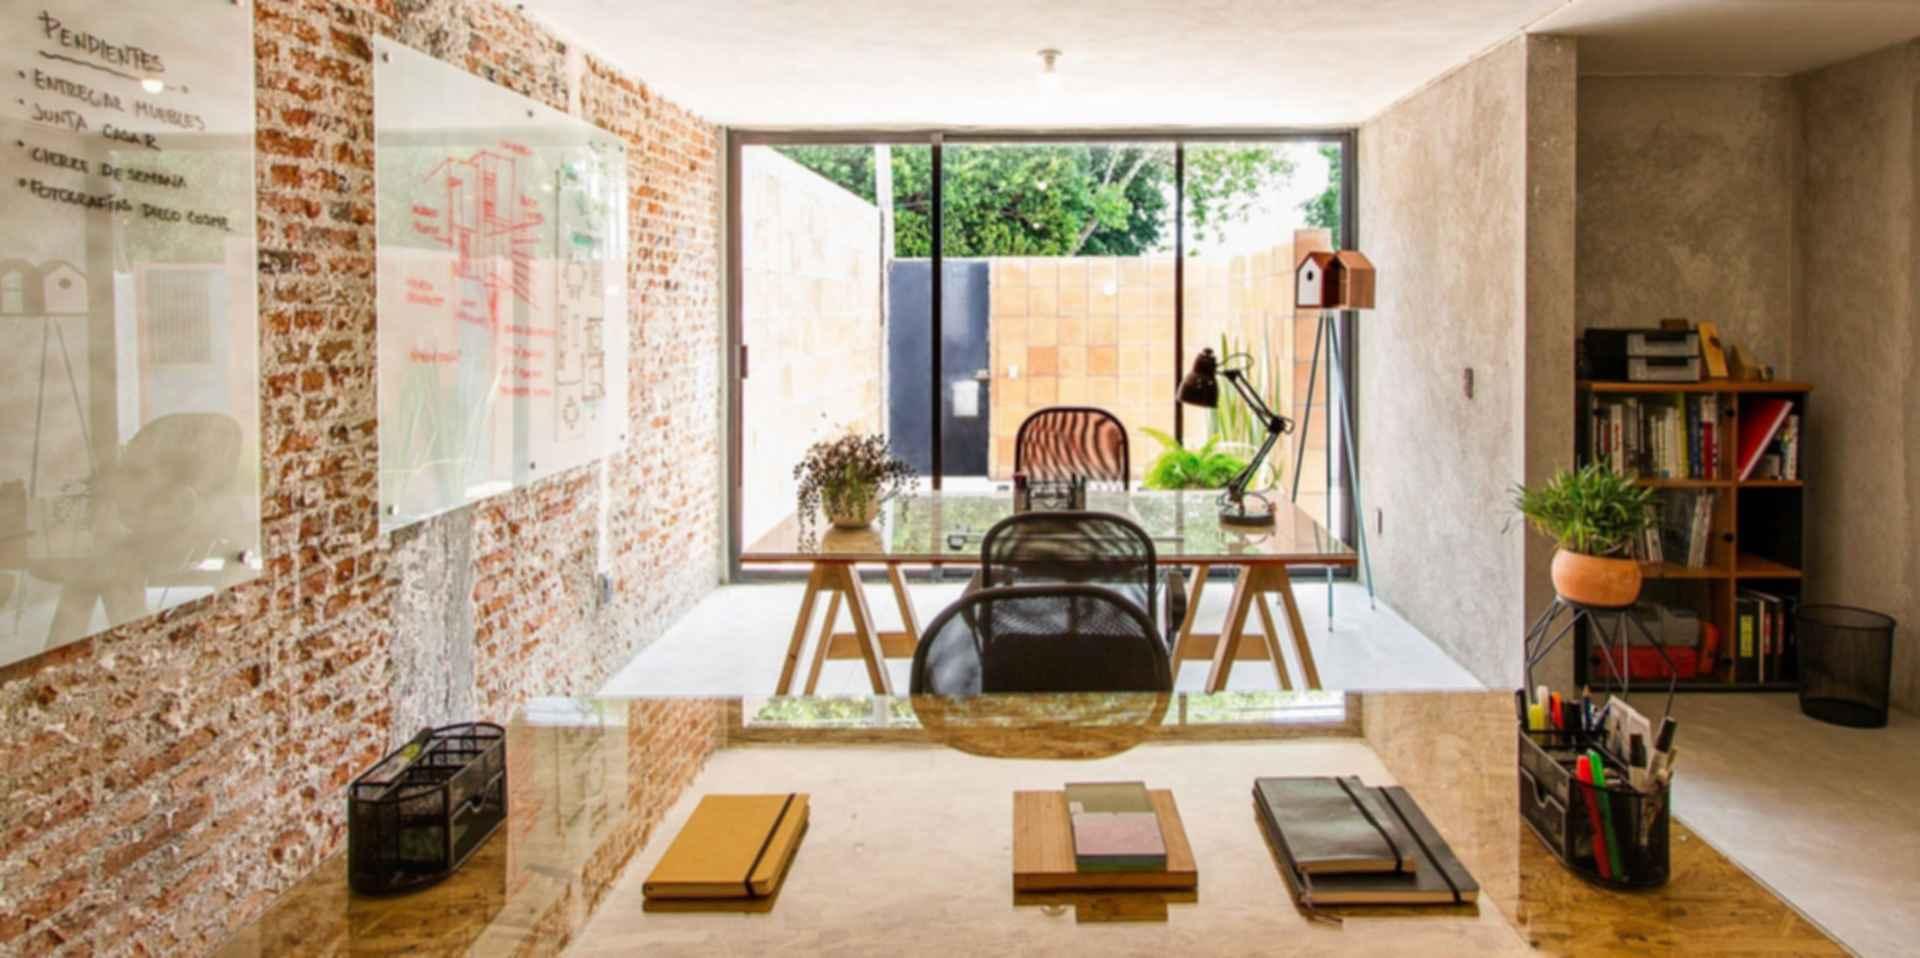 Studio House - Interior